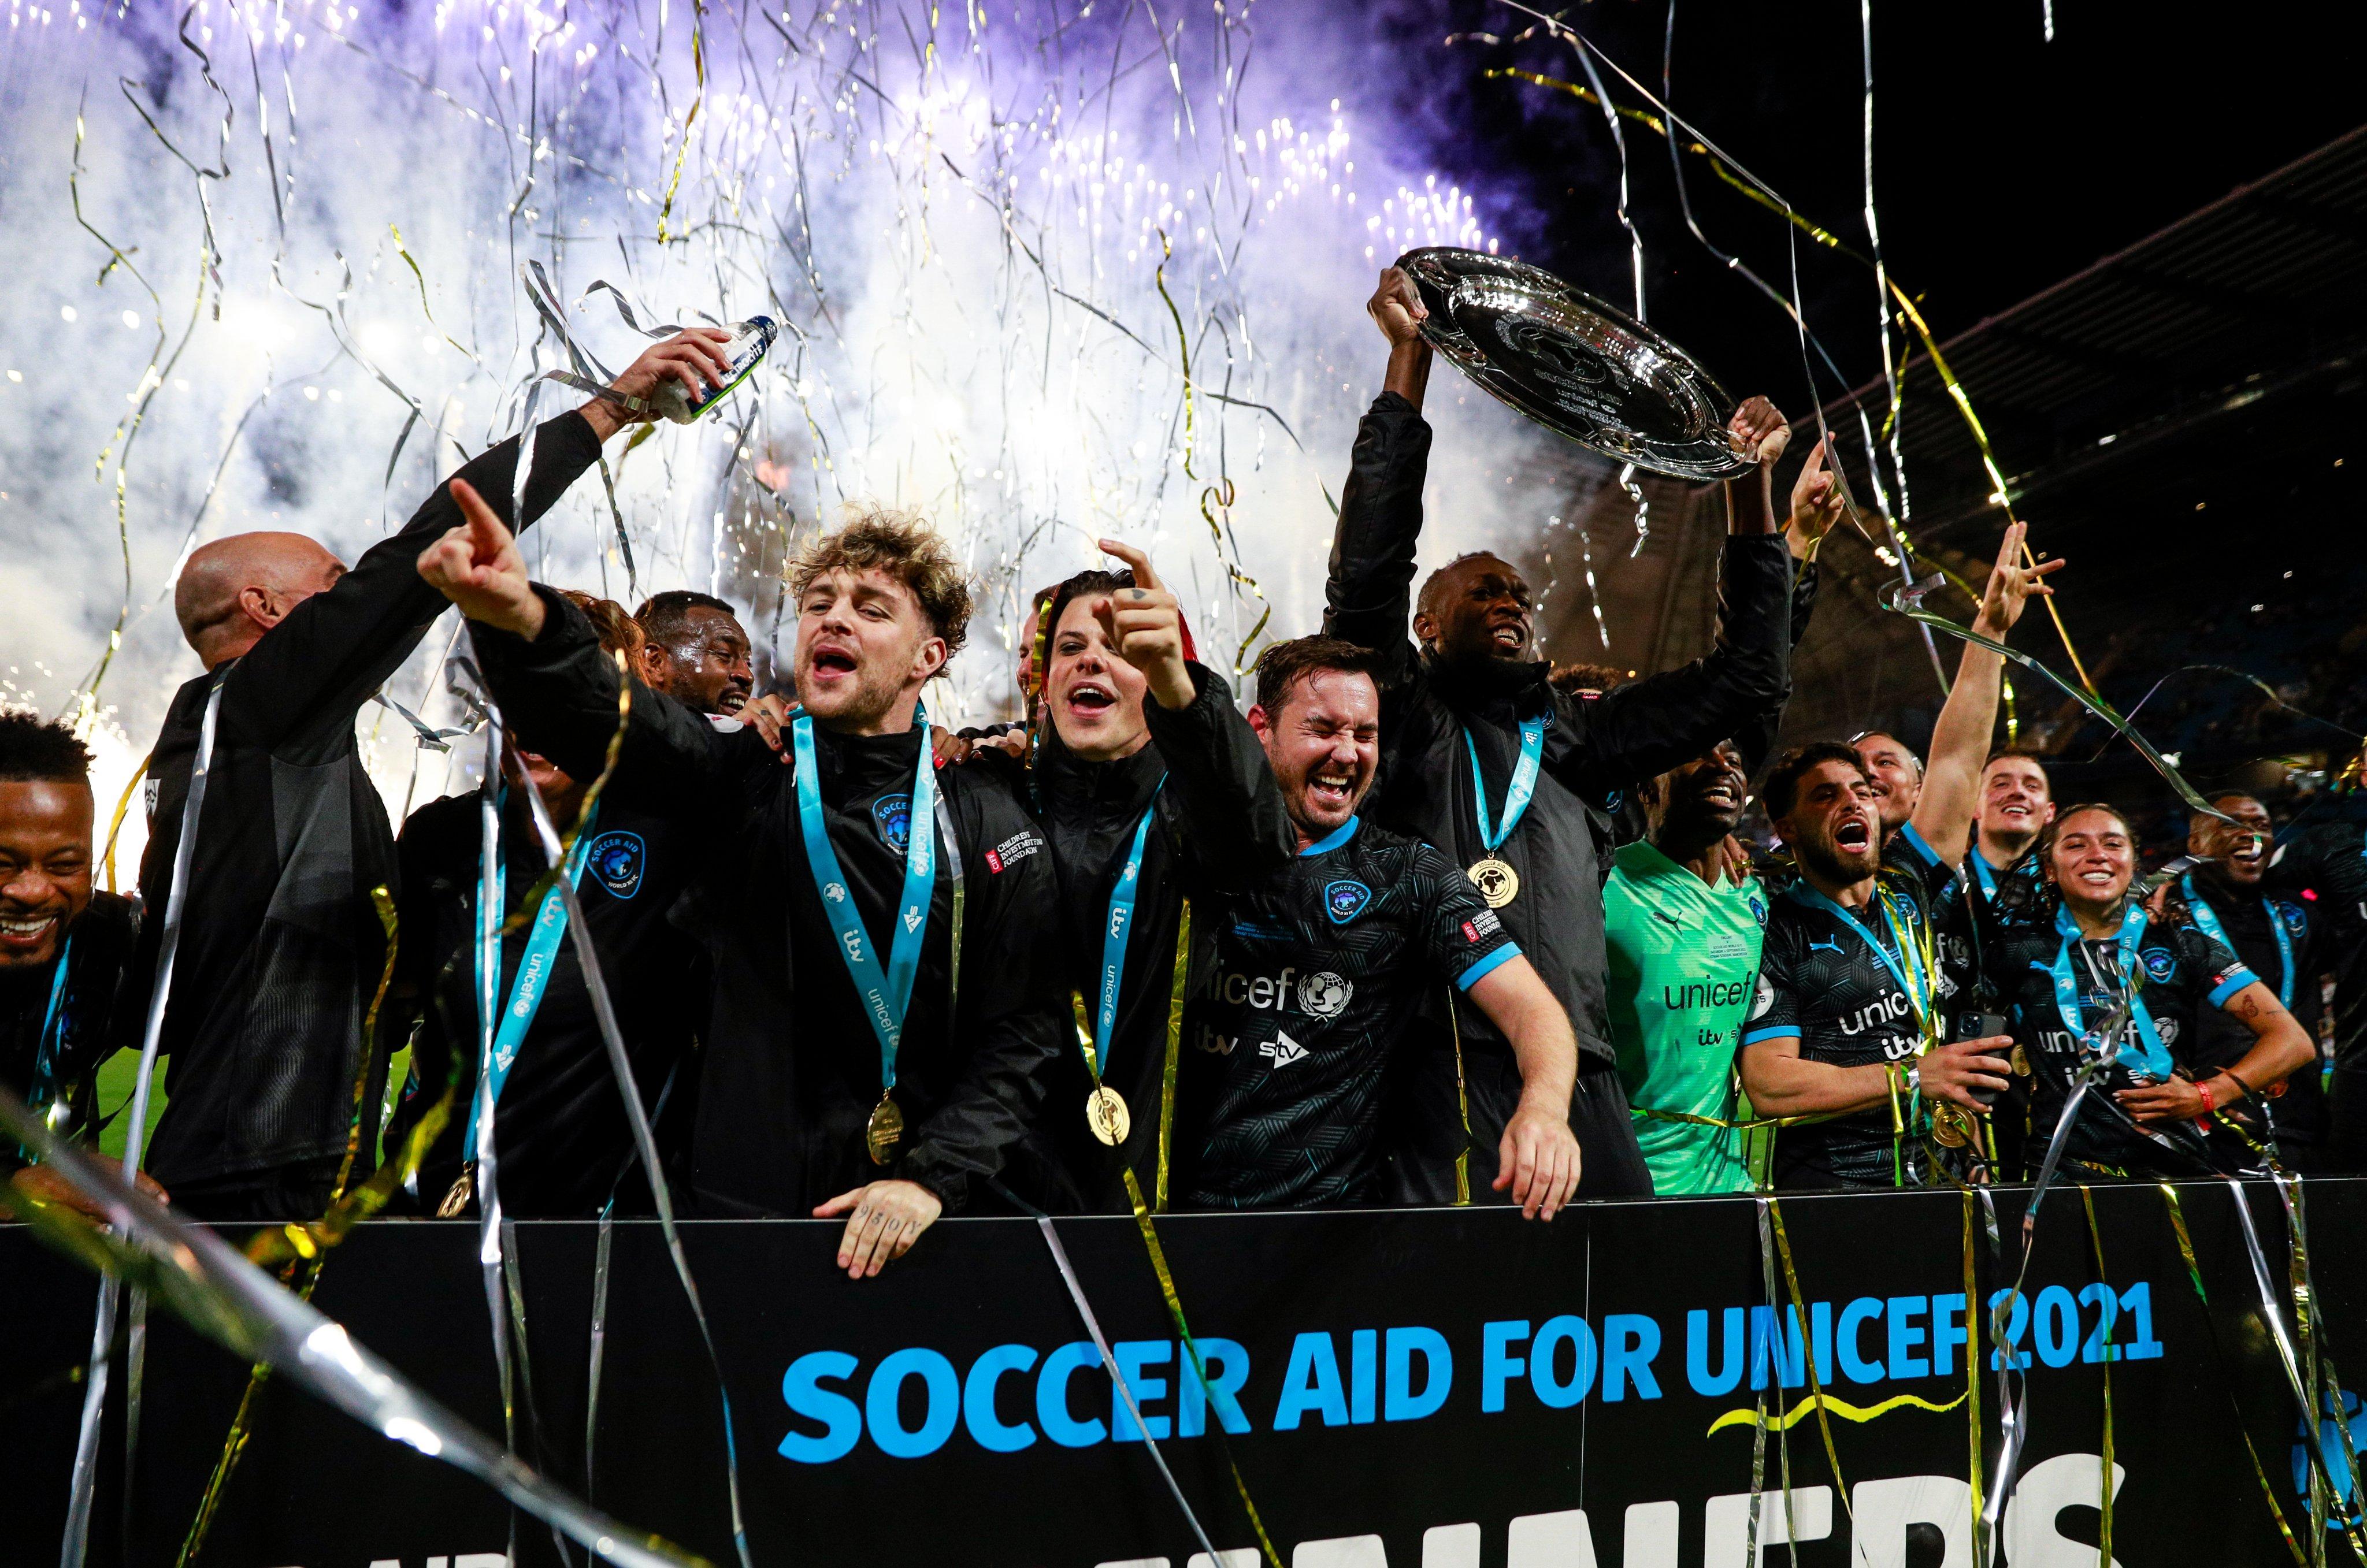 Ρεκόρ δωρεών στο Soccer Aid με 13 εκατ. λιρες, συμμετείχαν οι Γουέιν Ρούνει, Ρομπέρτο Κάρλος και άλλοι αστέρες! (pics & vids)